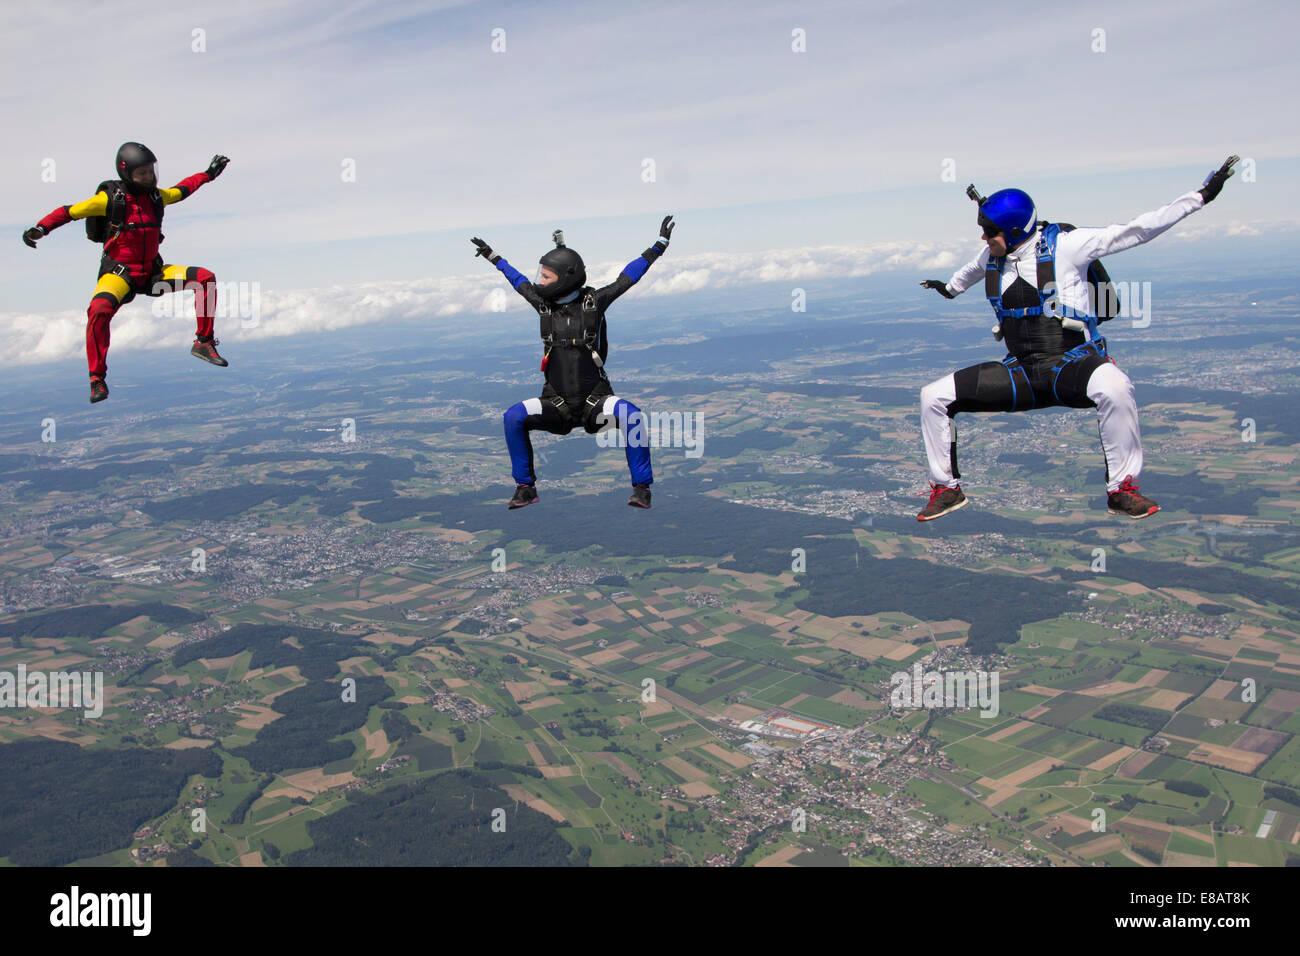 Équipe de trois parachutistes en position assis voler plus de Buttwil, Luzern, Suisse Photo Stock